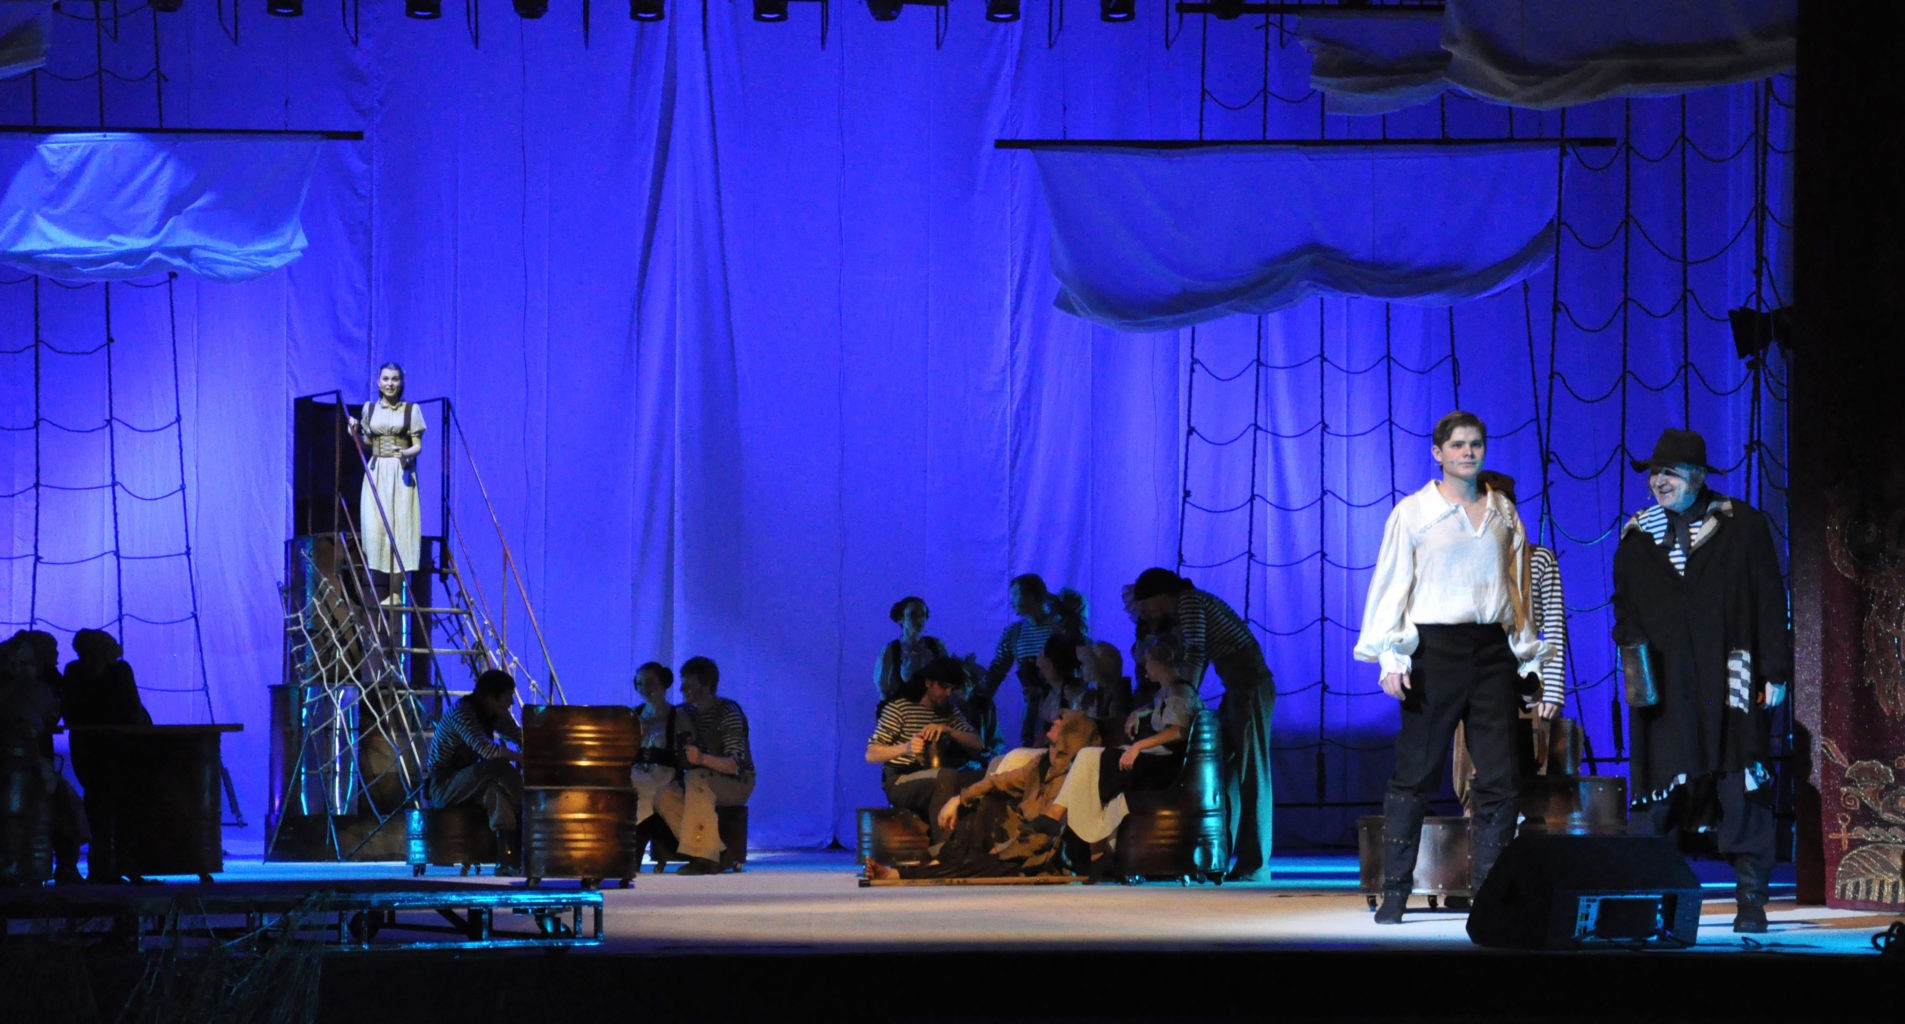 Сцена из спектакля «Алые паруса»: фотография